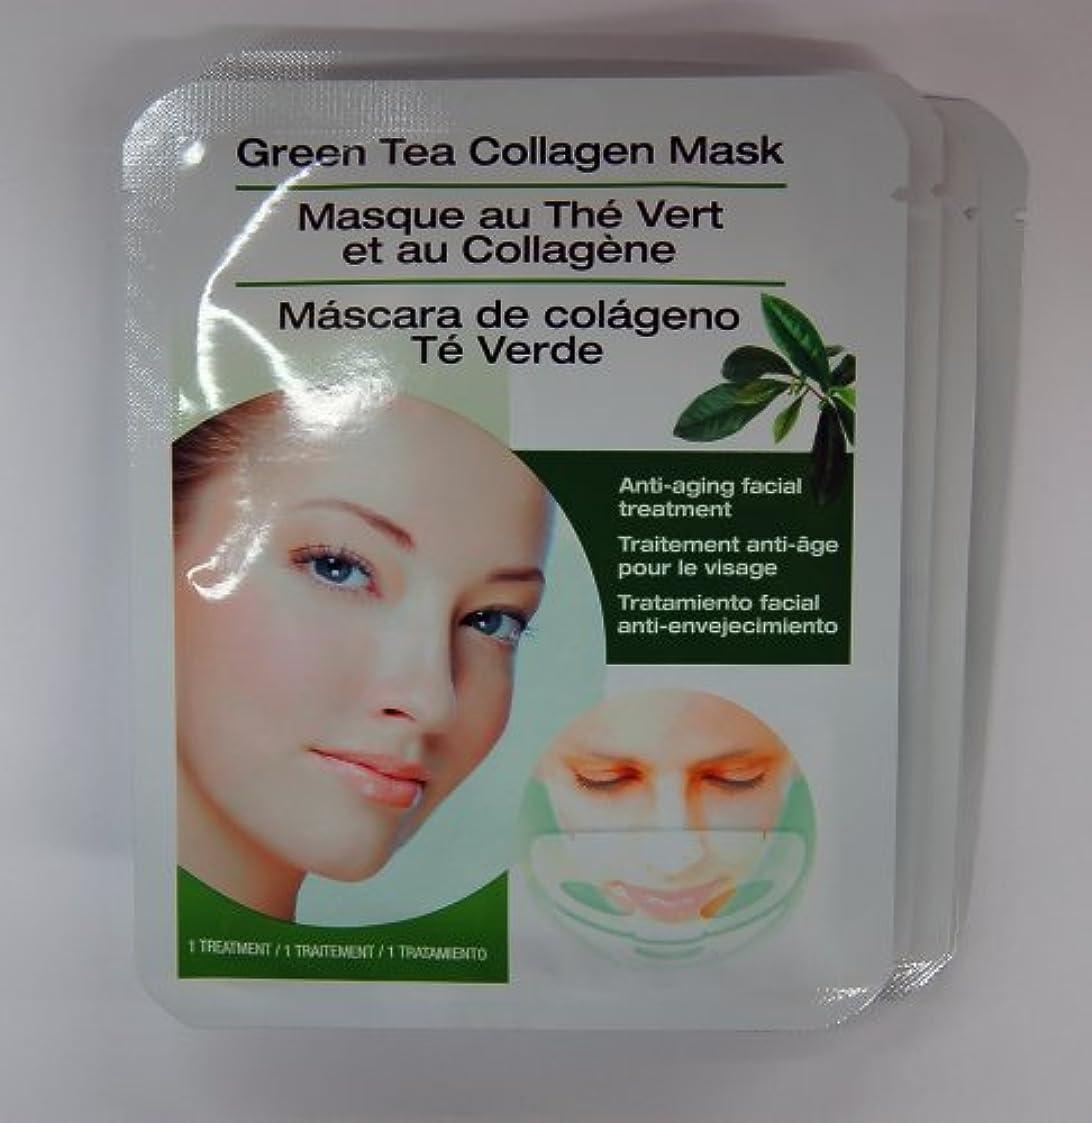 トランクまた明日ね成分Dermactin-TS コラーゲンマスク、緑茶 (並行輸入品)